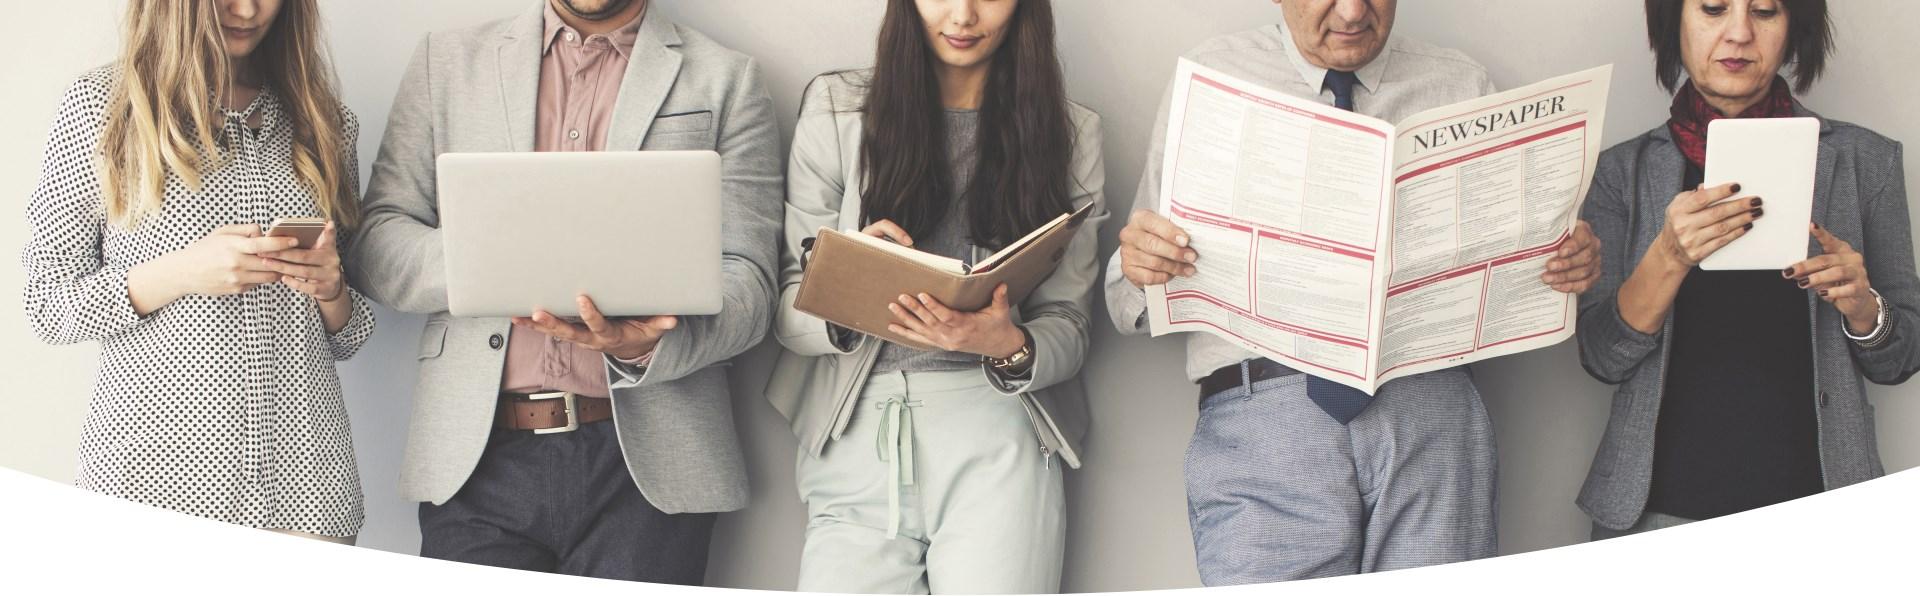 5 Menschen stehend mit Handy, Laptop, Notizbuch, Zeitung und Tablet in der Hand